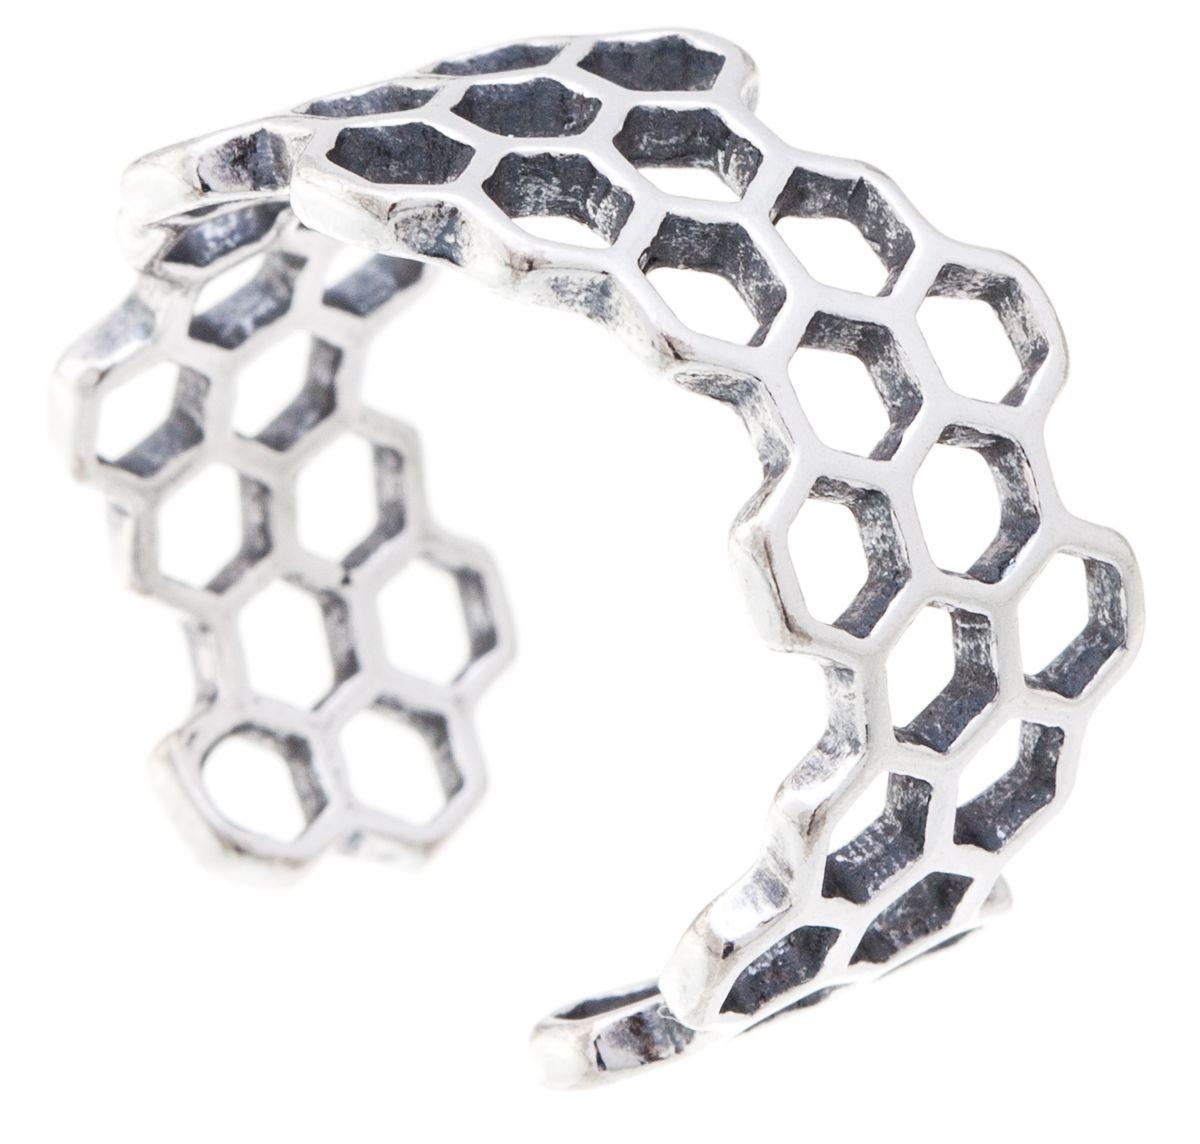 Jenavi, Коллекция Young 2, Ланда (Кольцо), цвет - серебро, , размер - 15f6573090Коллекция Young 2, Ланда (Кольцо) гипоаллергенный ювелирный сплав,Черненое серебро, вставка без вставок, цвет - серебро, , размер - 15